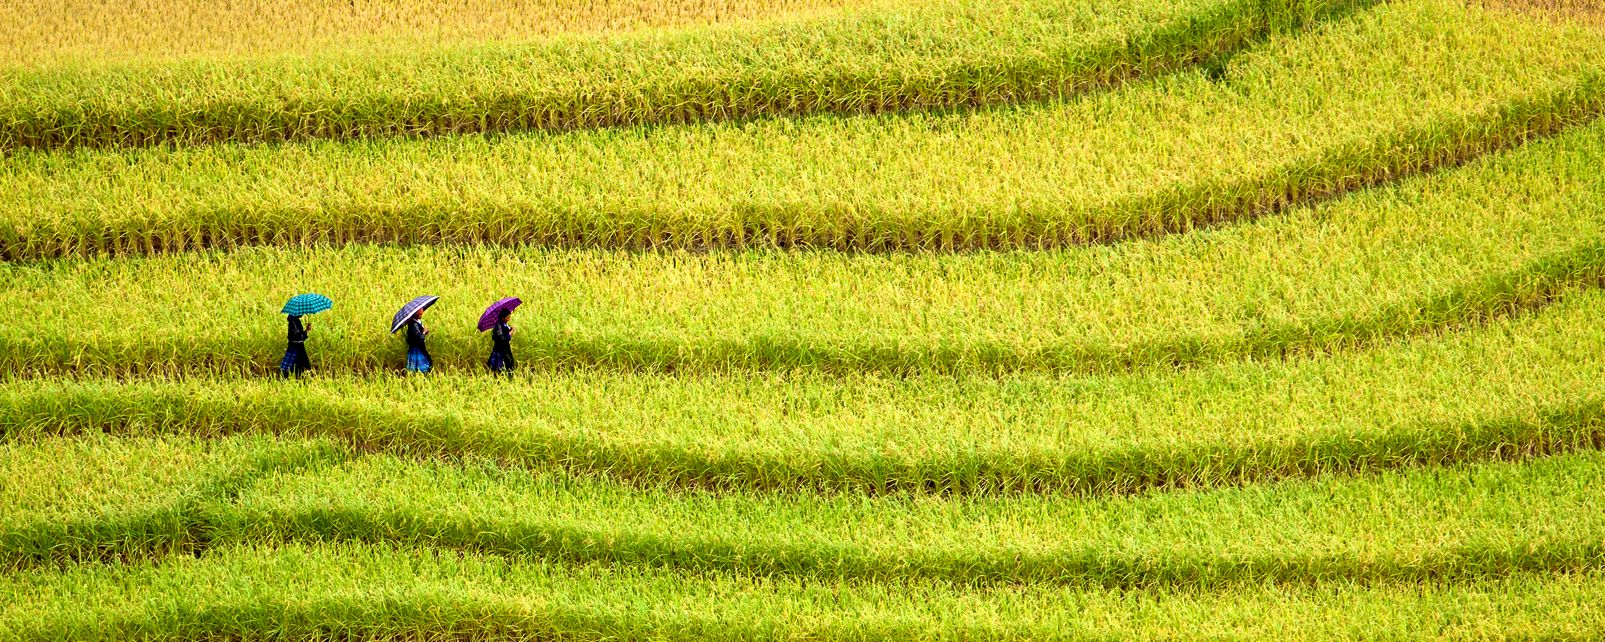 La foresta, i parchi nazionali, l'agricoltura , Qui è la natura che la fa da padrona , Vietnam